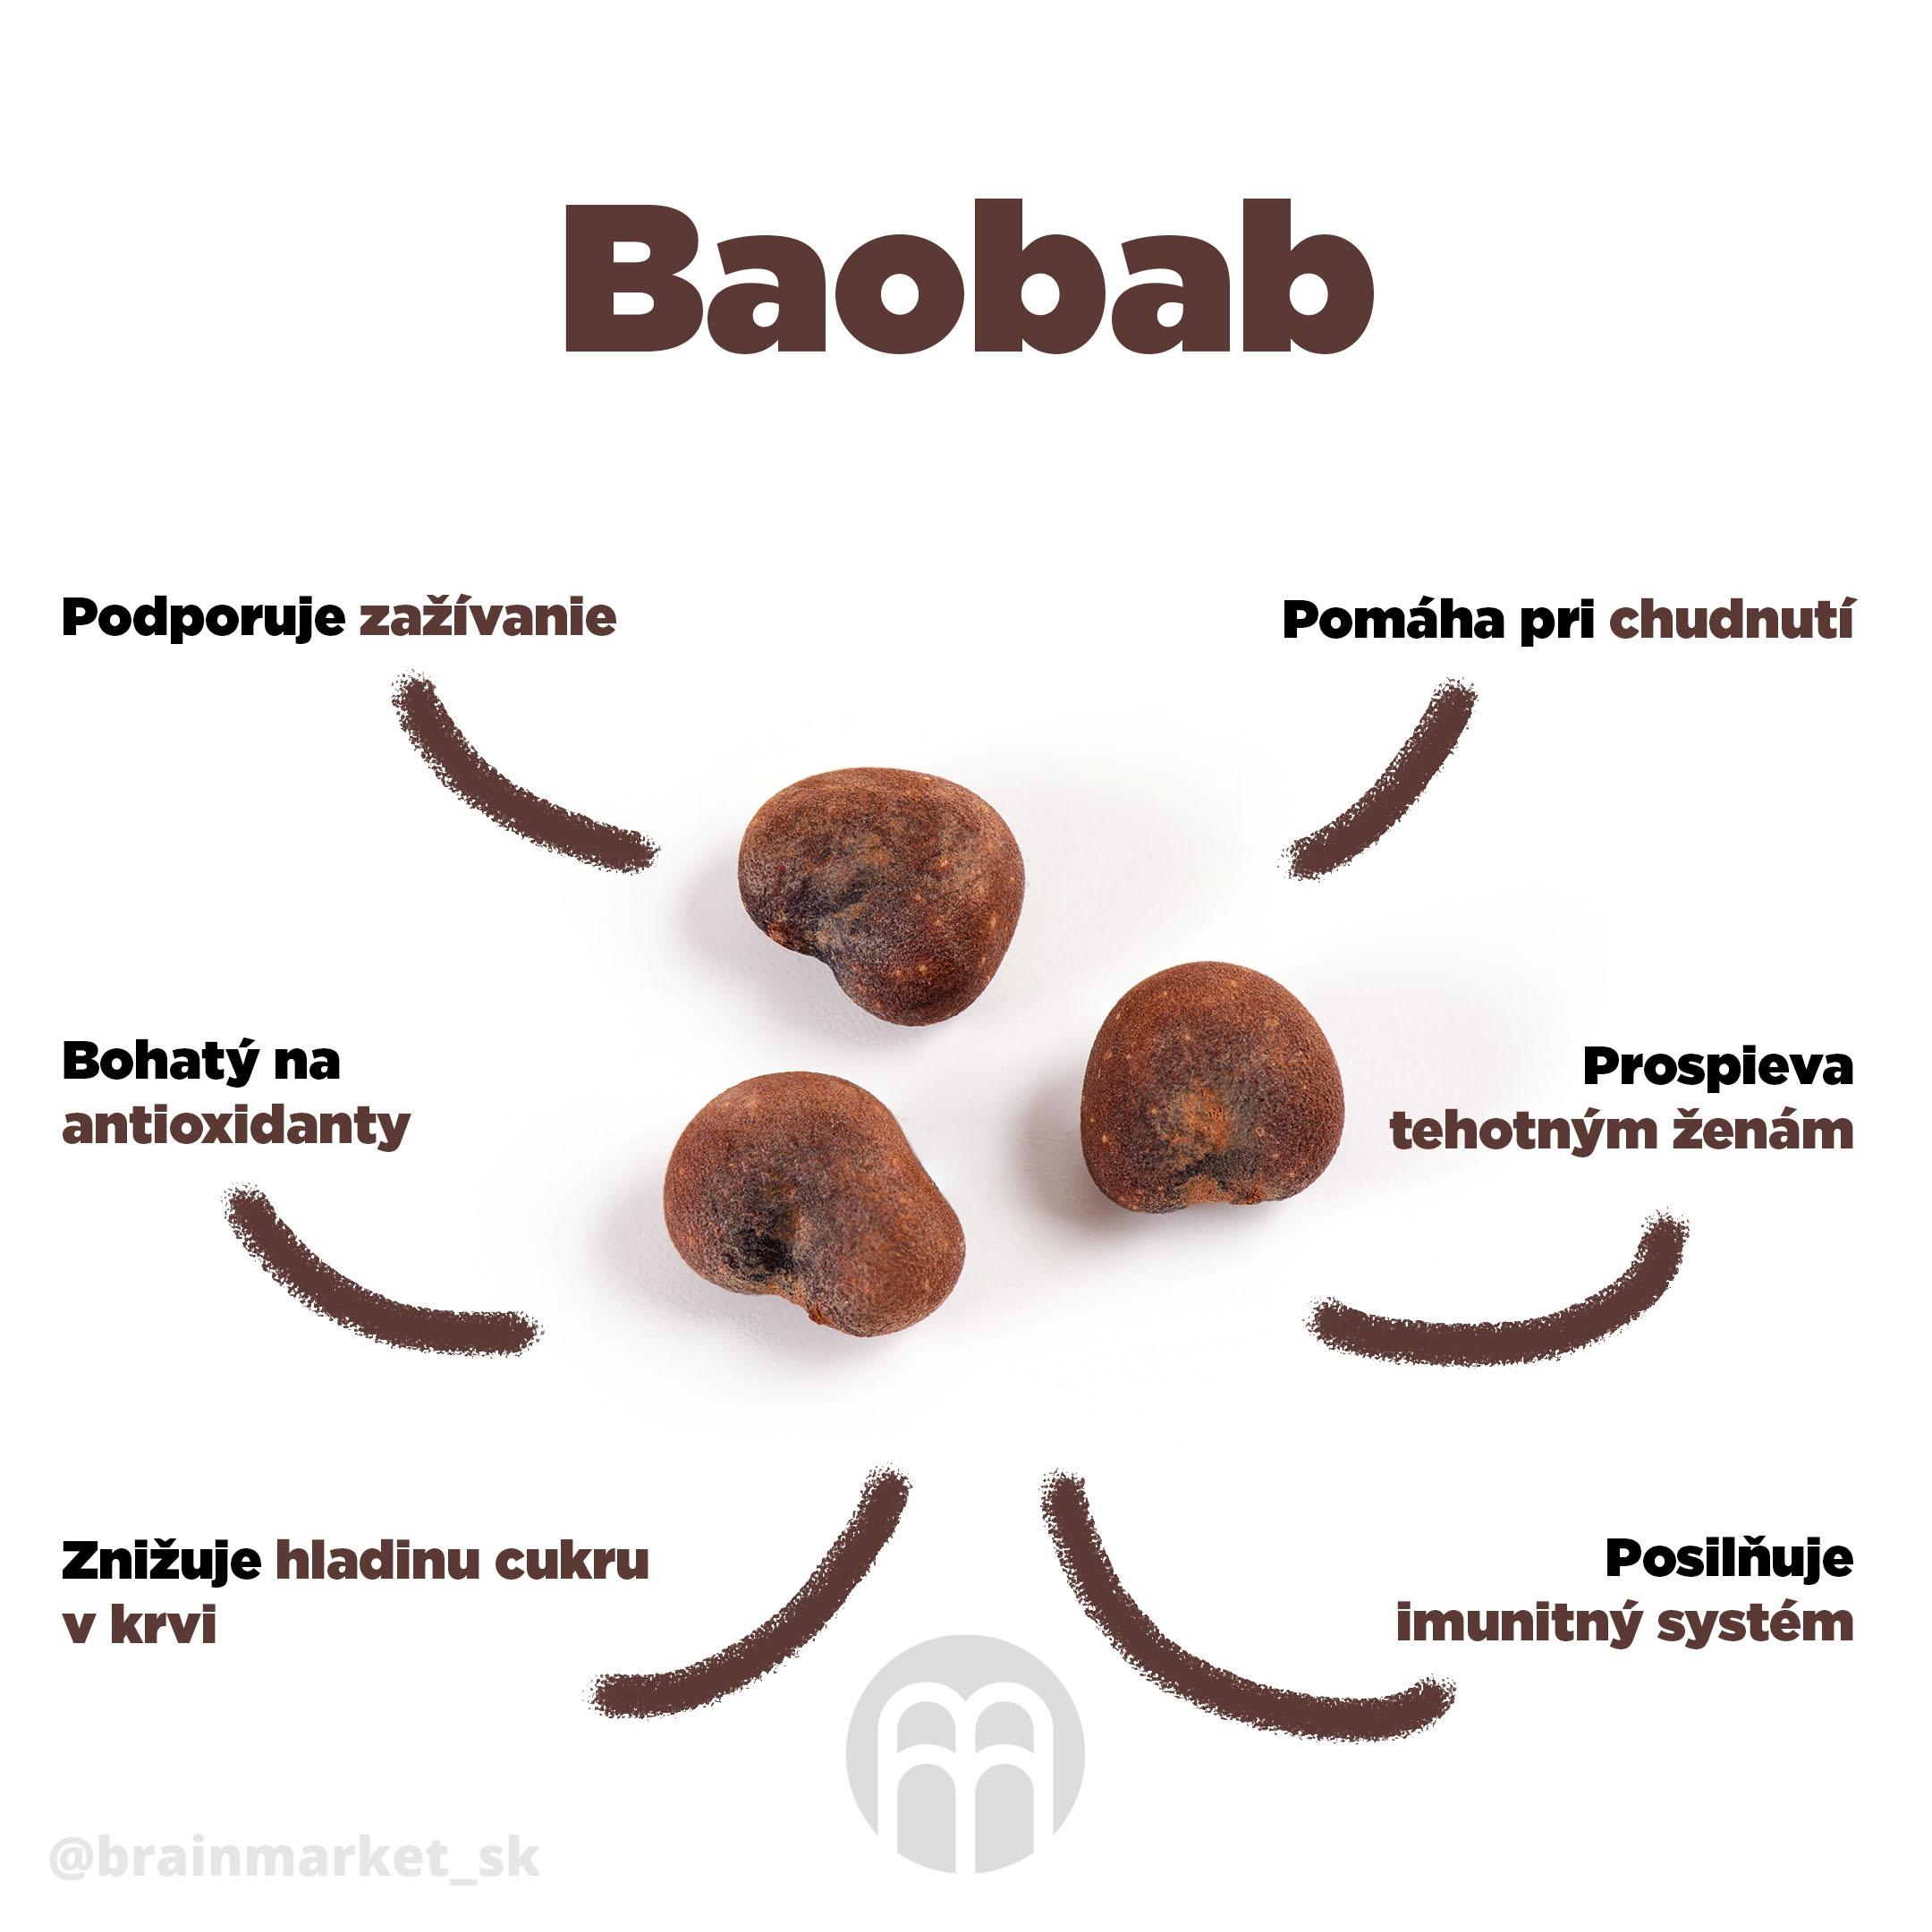 prinosy_BAOBAB_infografika_brainmarket_SK